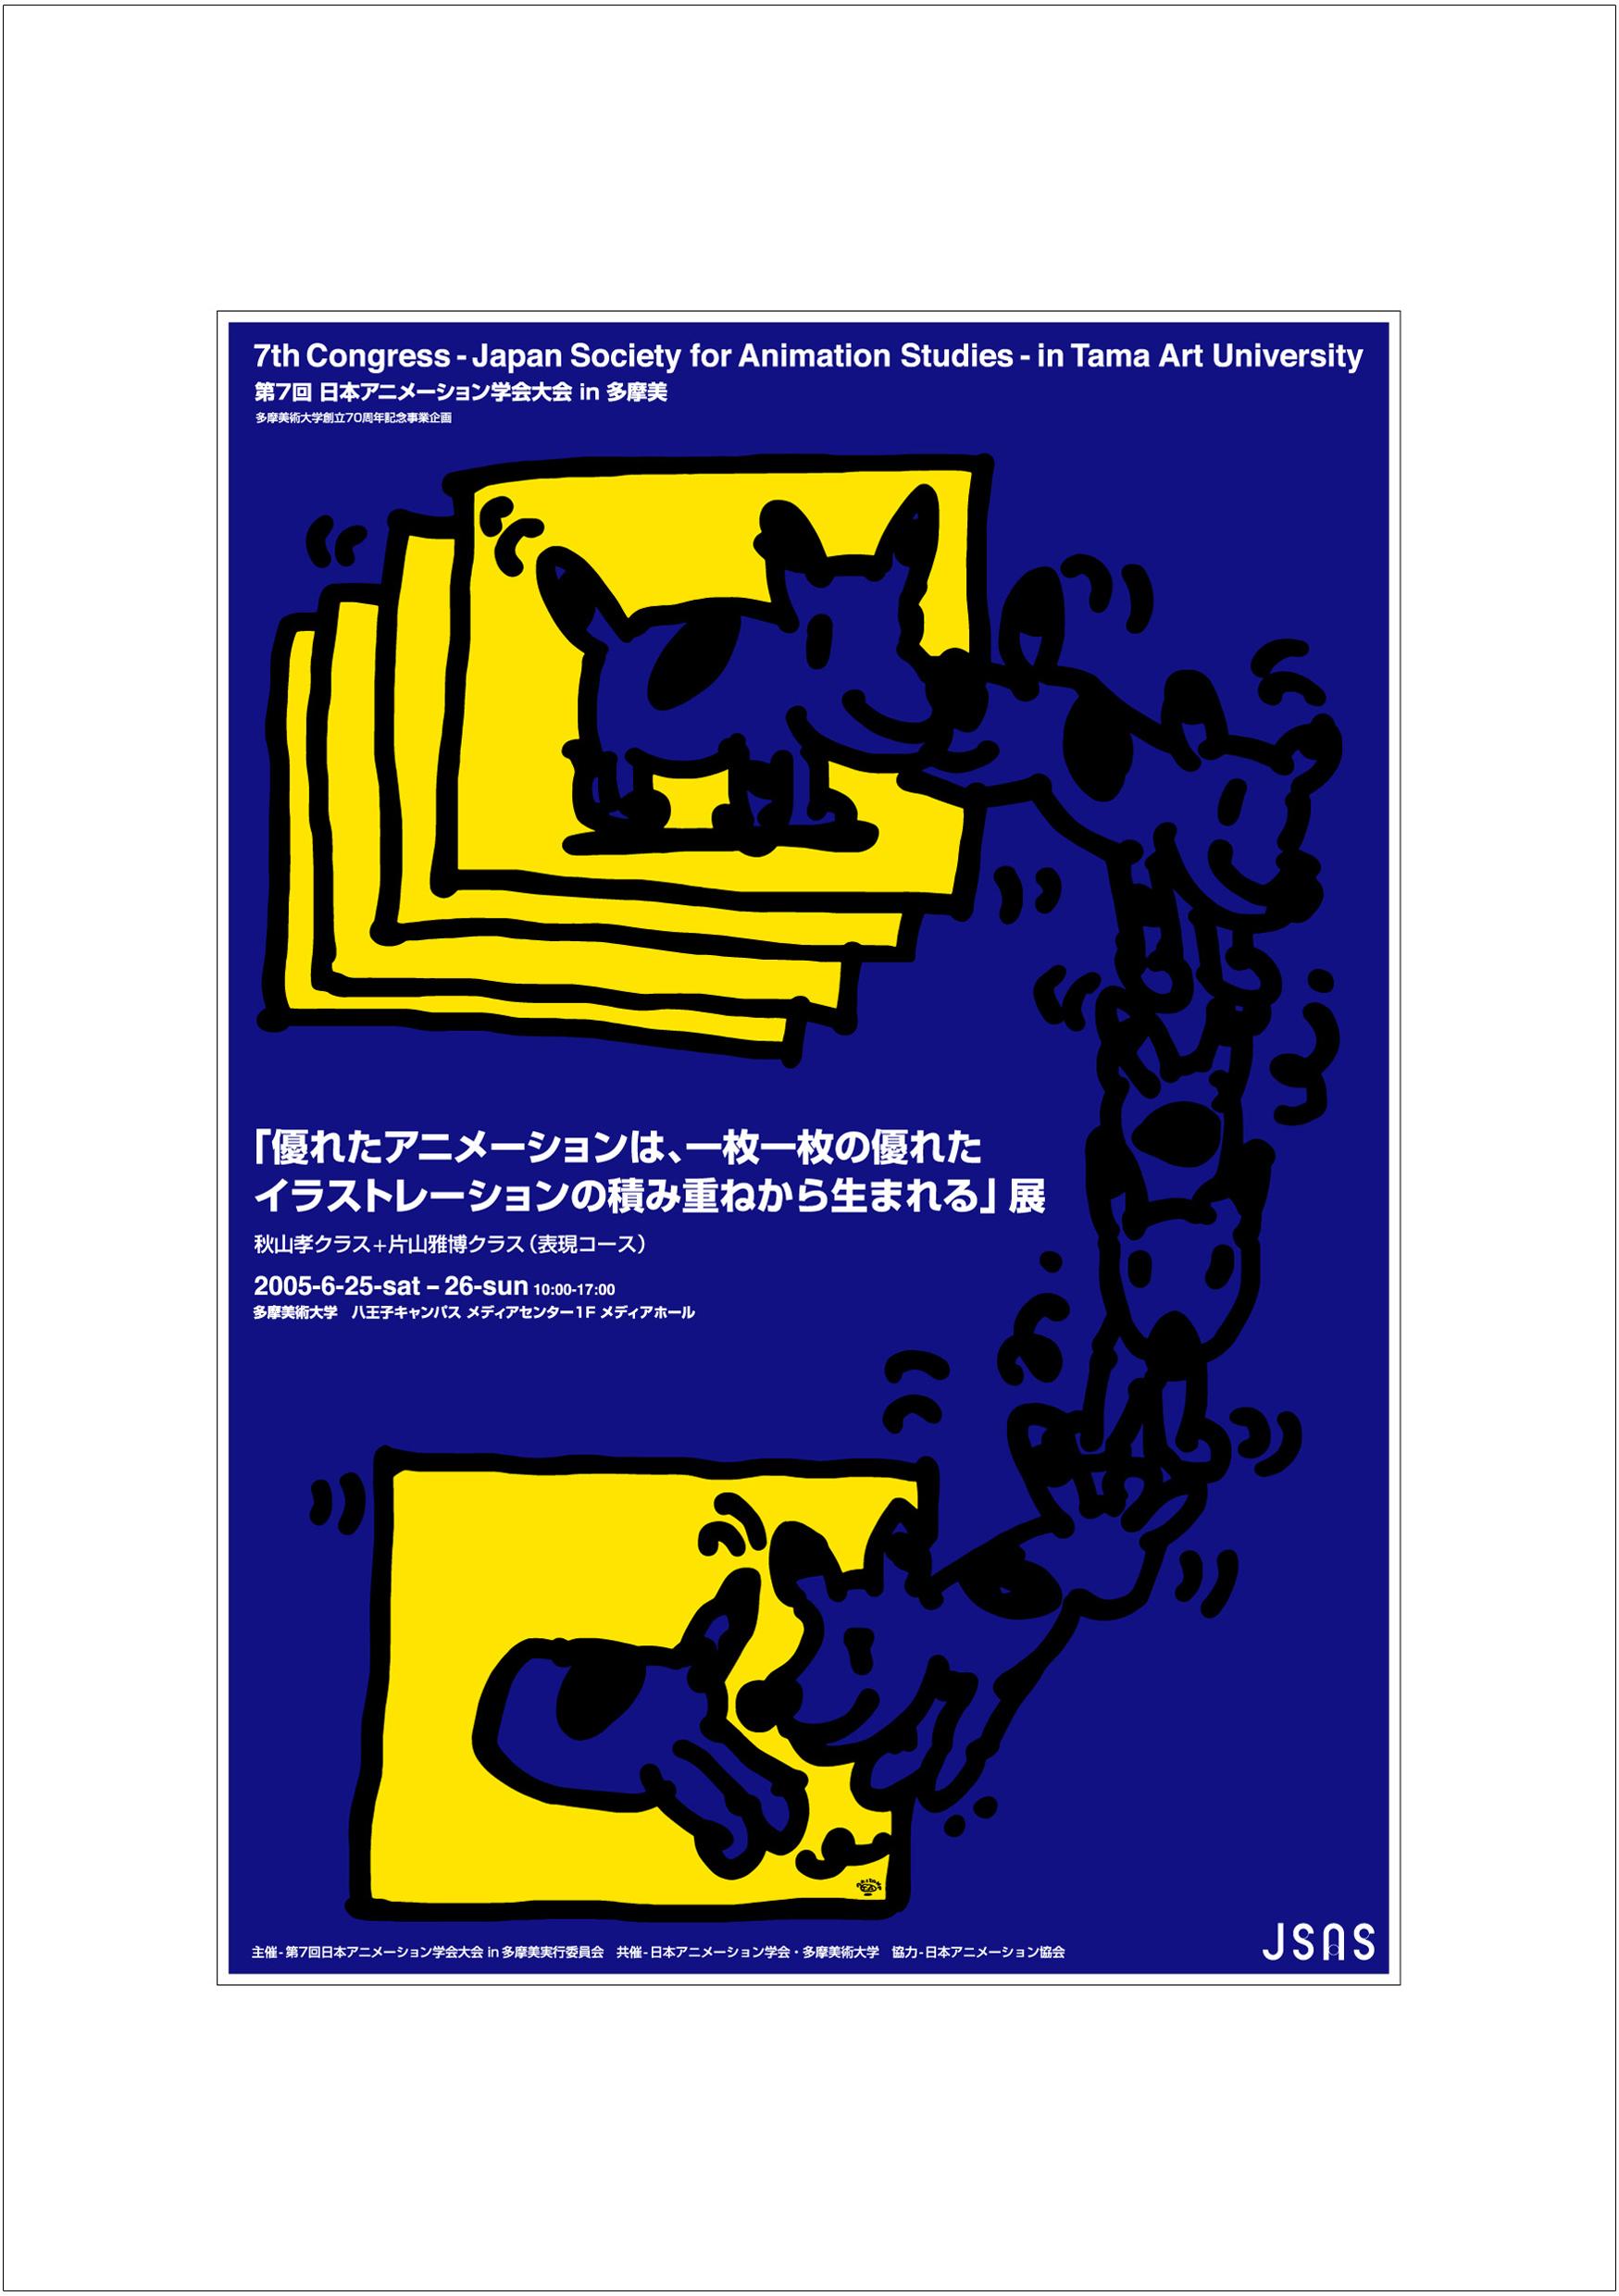 ポスターアーティスト秋山孝が2005年に制作したアートカード「アートカード ポスター 2005 03」